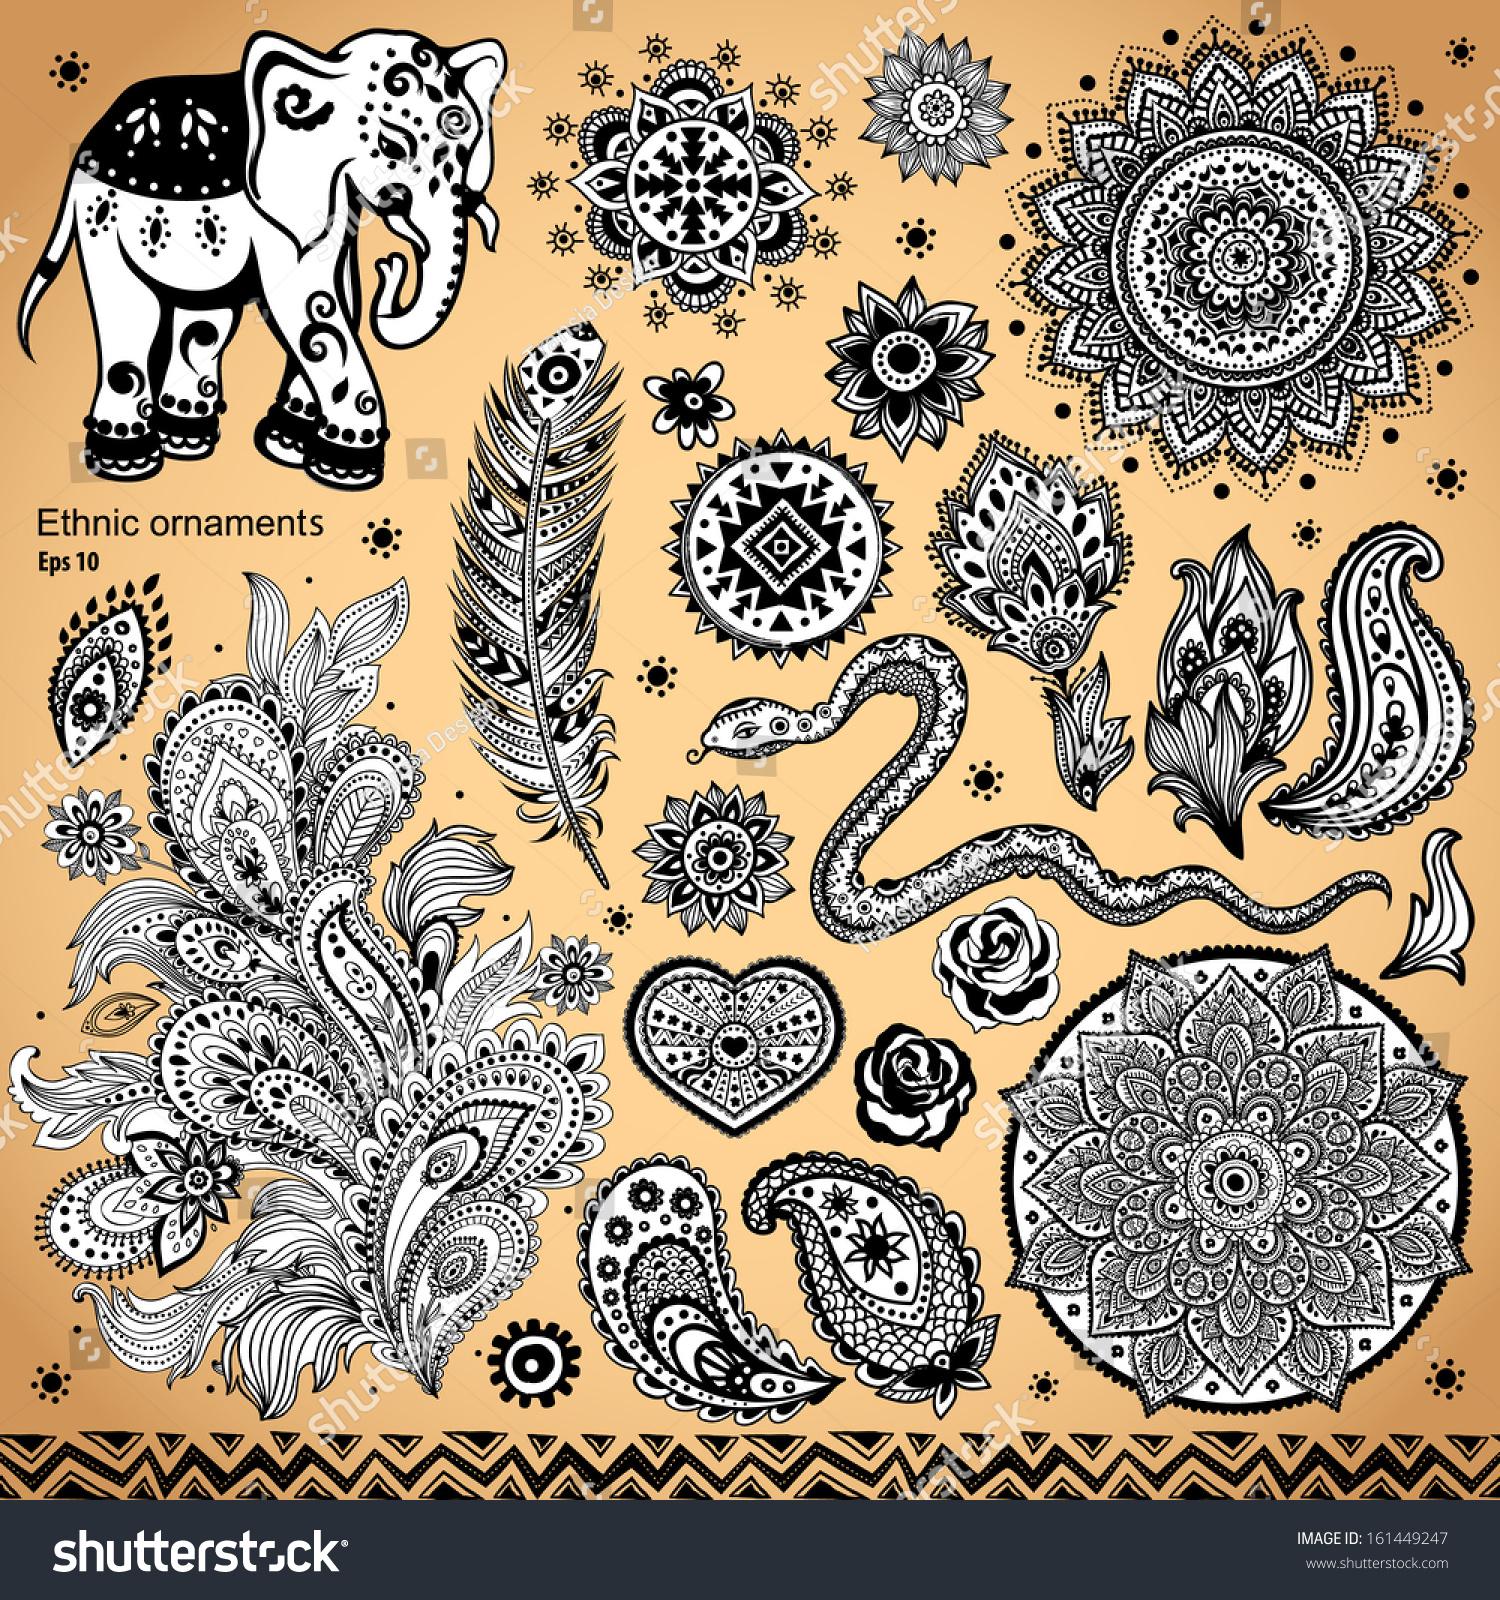 印度装饰元素和符号-背景/素材,复古风格-海洛创意()